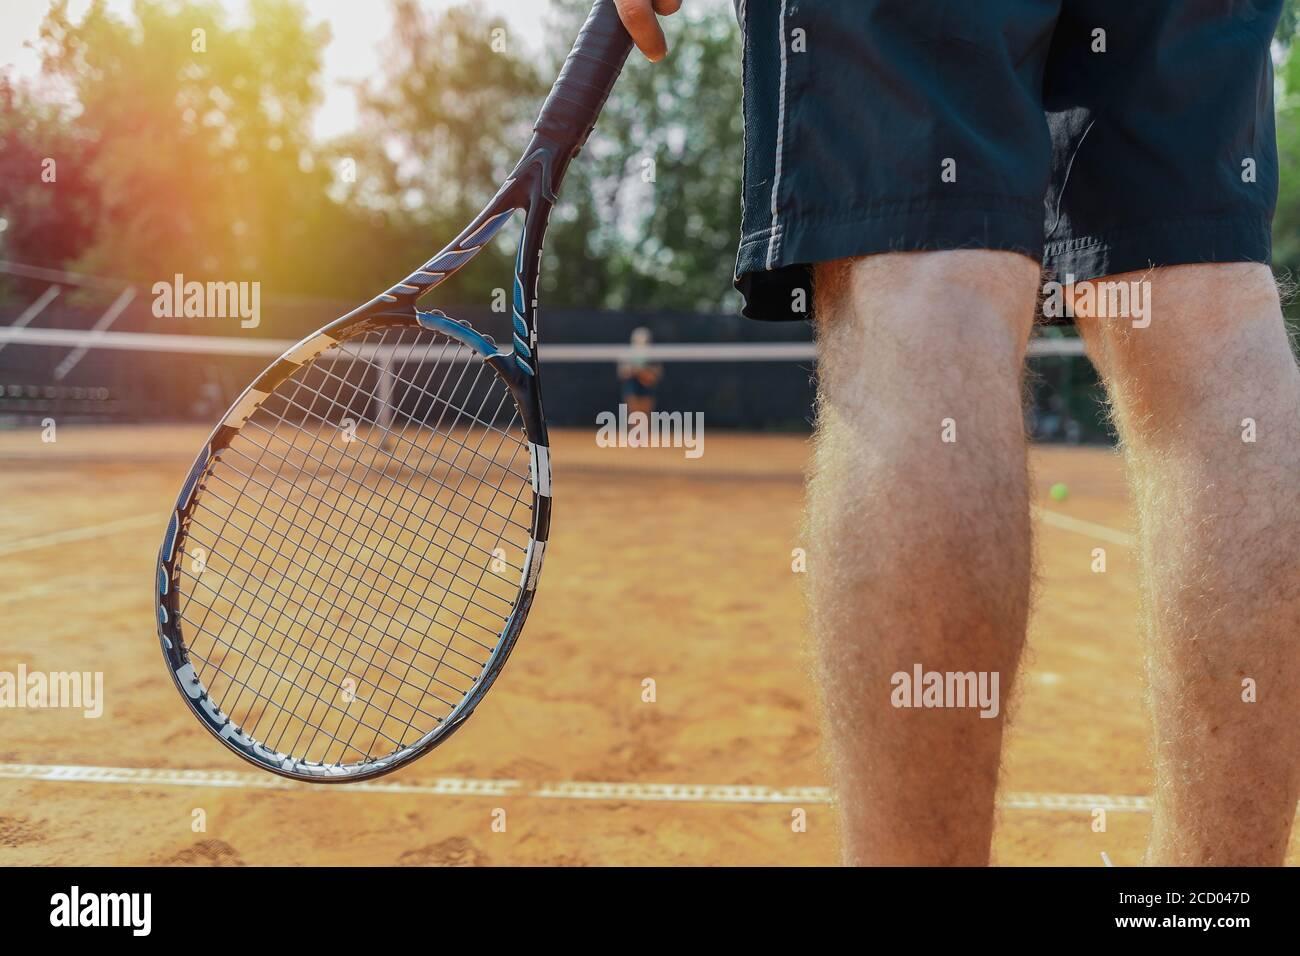 Gros plan de l'homme tenant une raquette en attendant le service de balle sur le court de tennis. L'homme est au premier plan et au premier plan, le filet de tennis est en arrière-plan et flou Banque D'Images